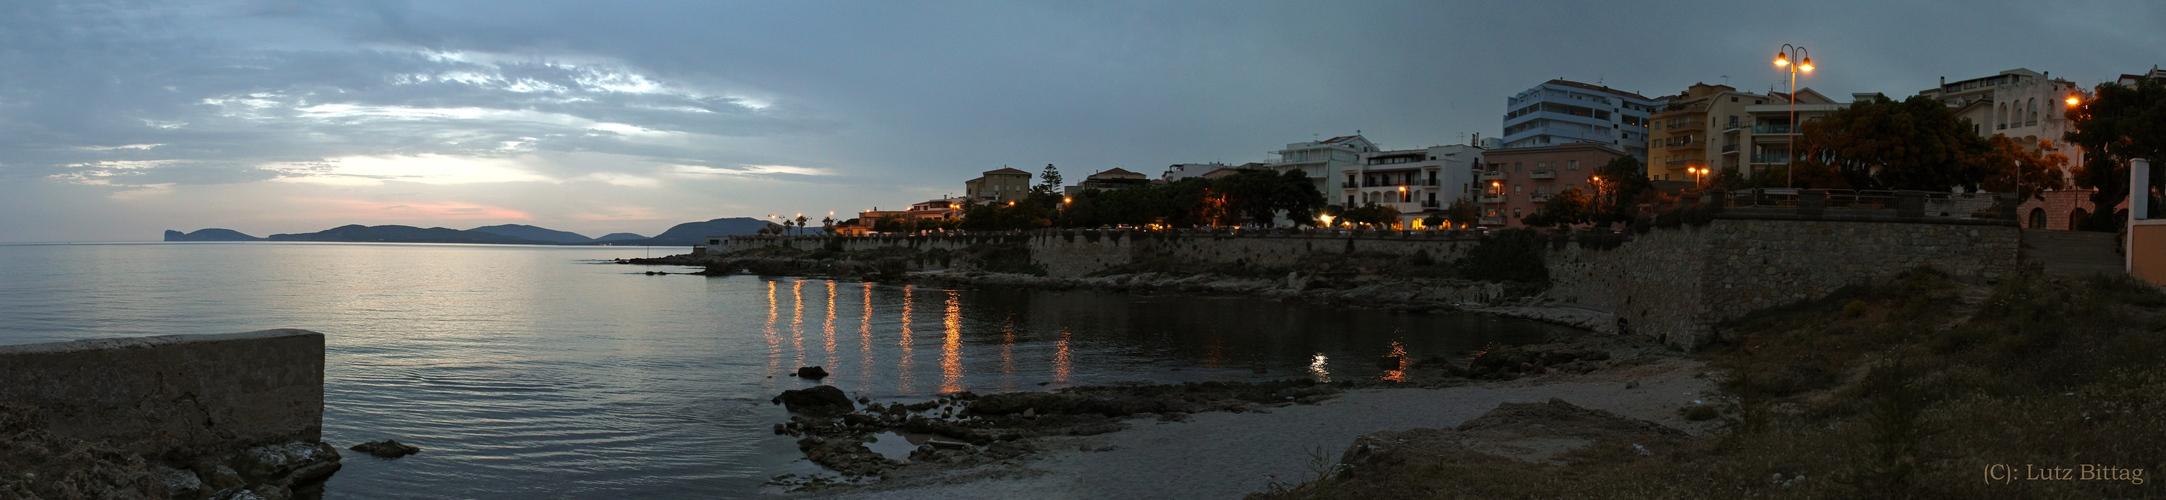 Alghero @ night (Panorama)